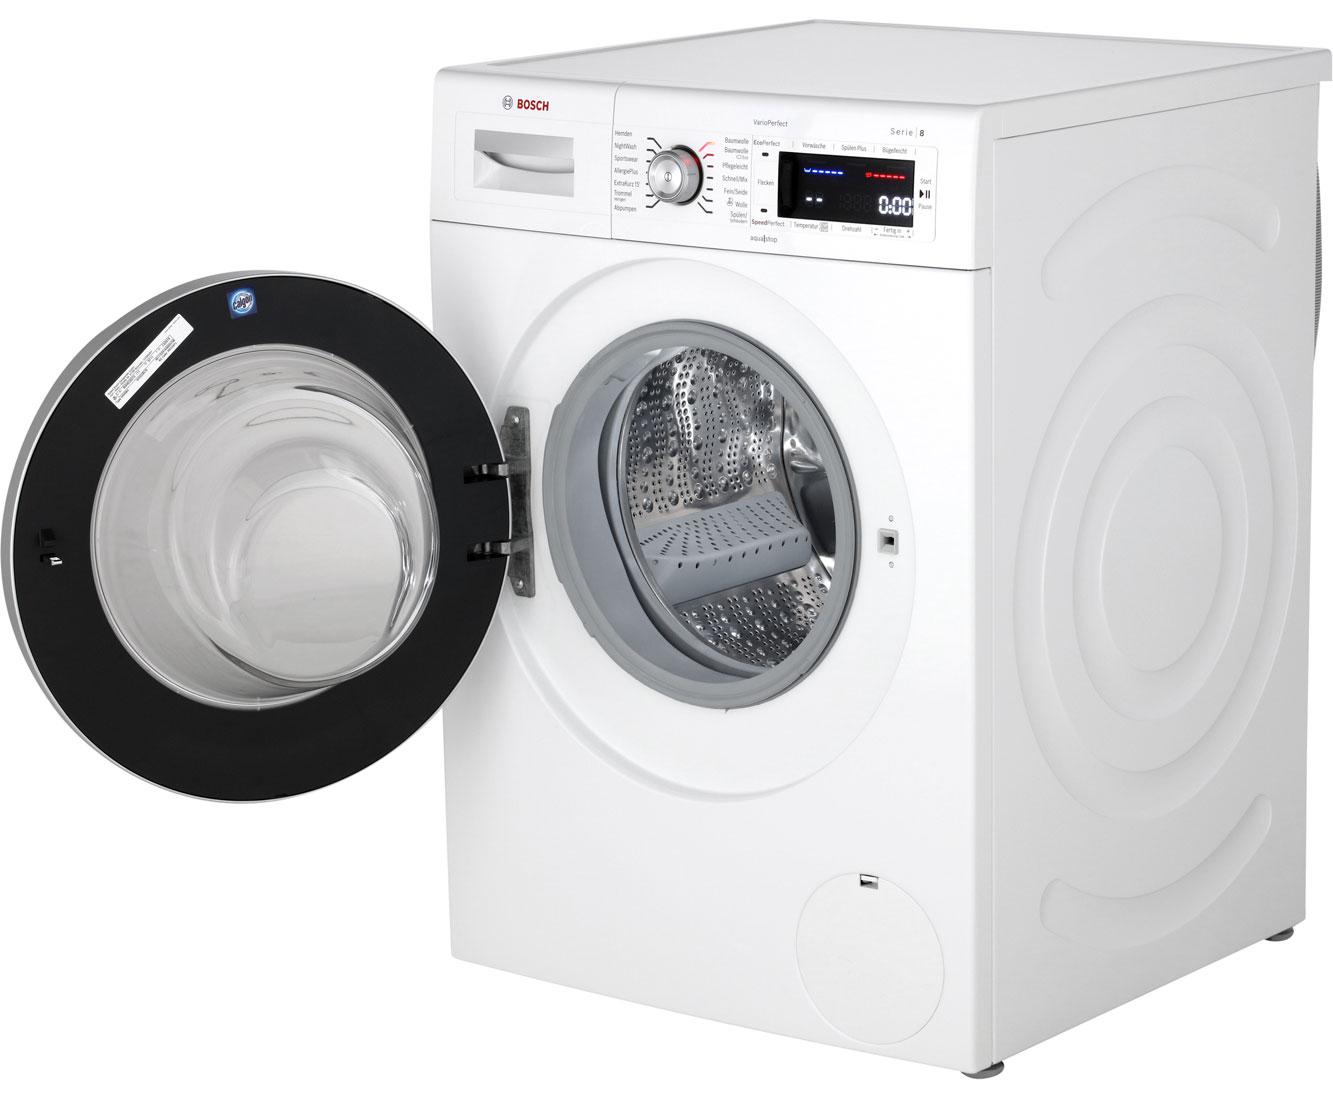 Bosch WAW28570 Waschmaschine Serie 8 Freistehend Weiß Neu